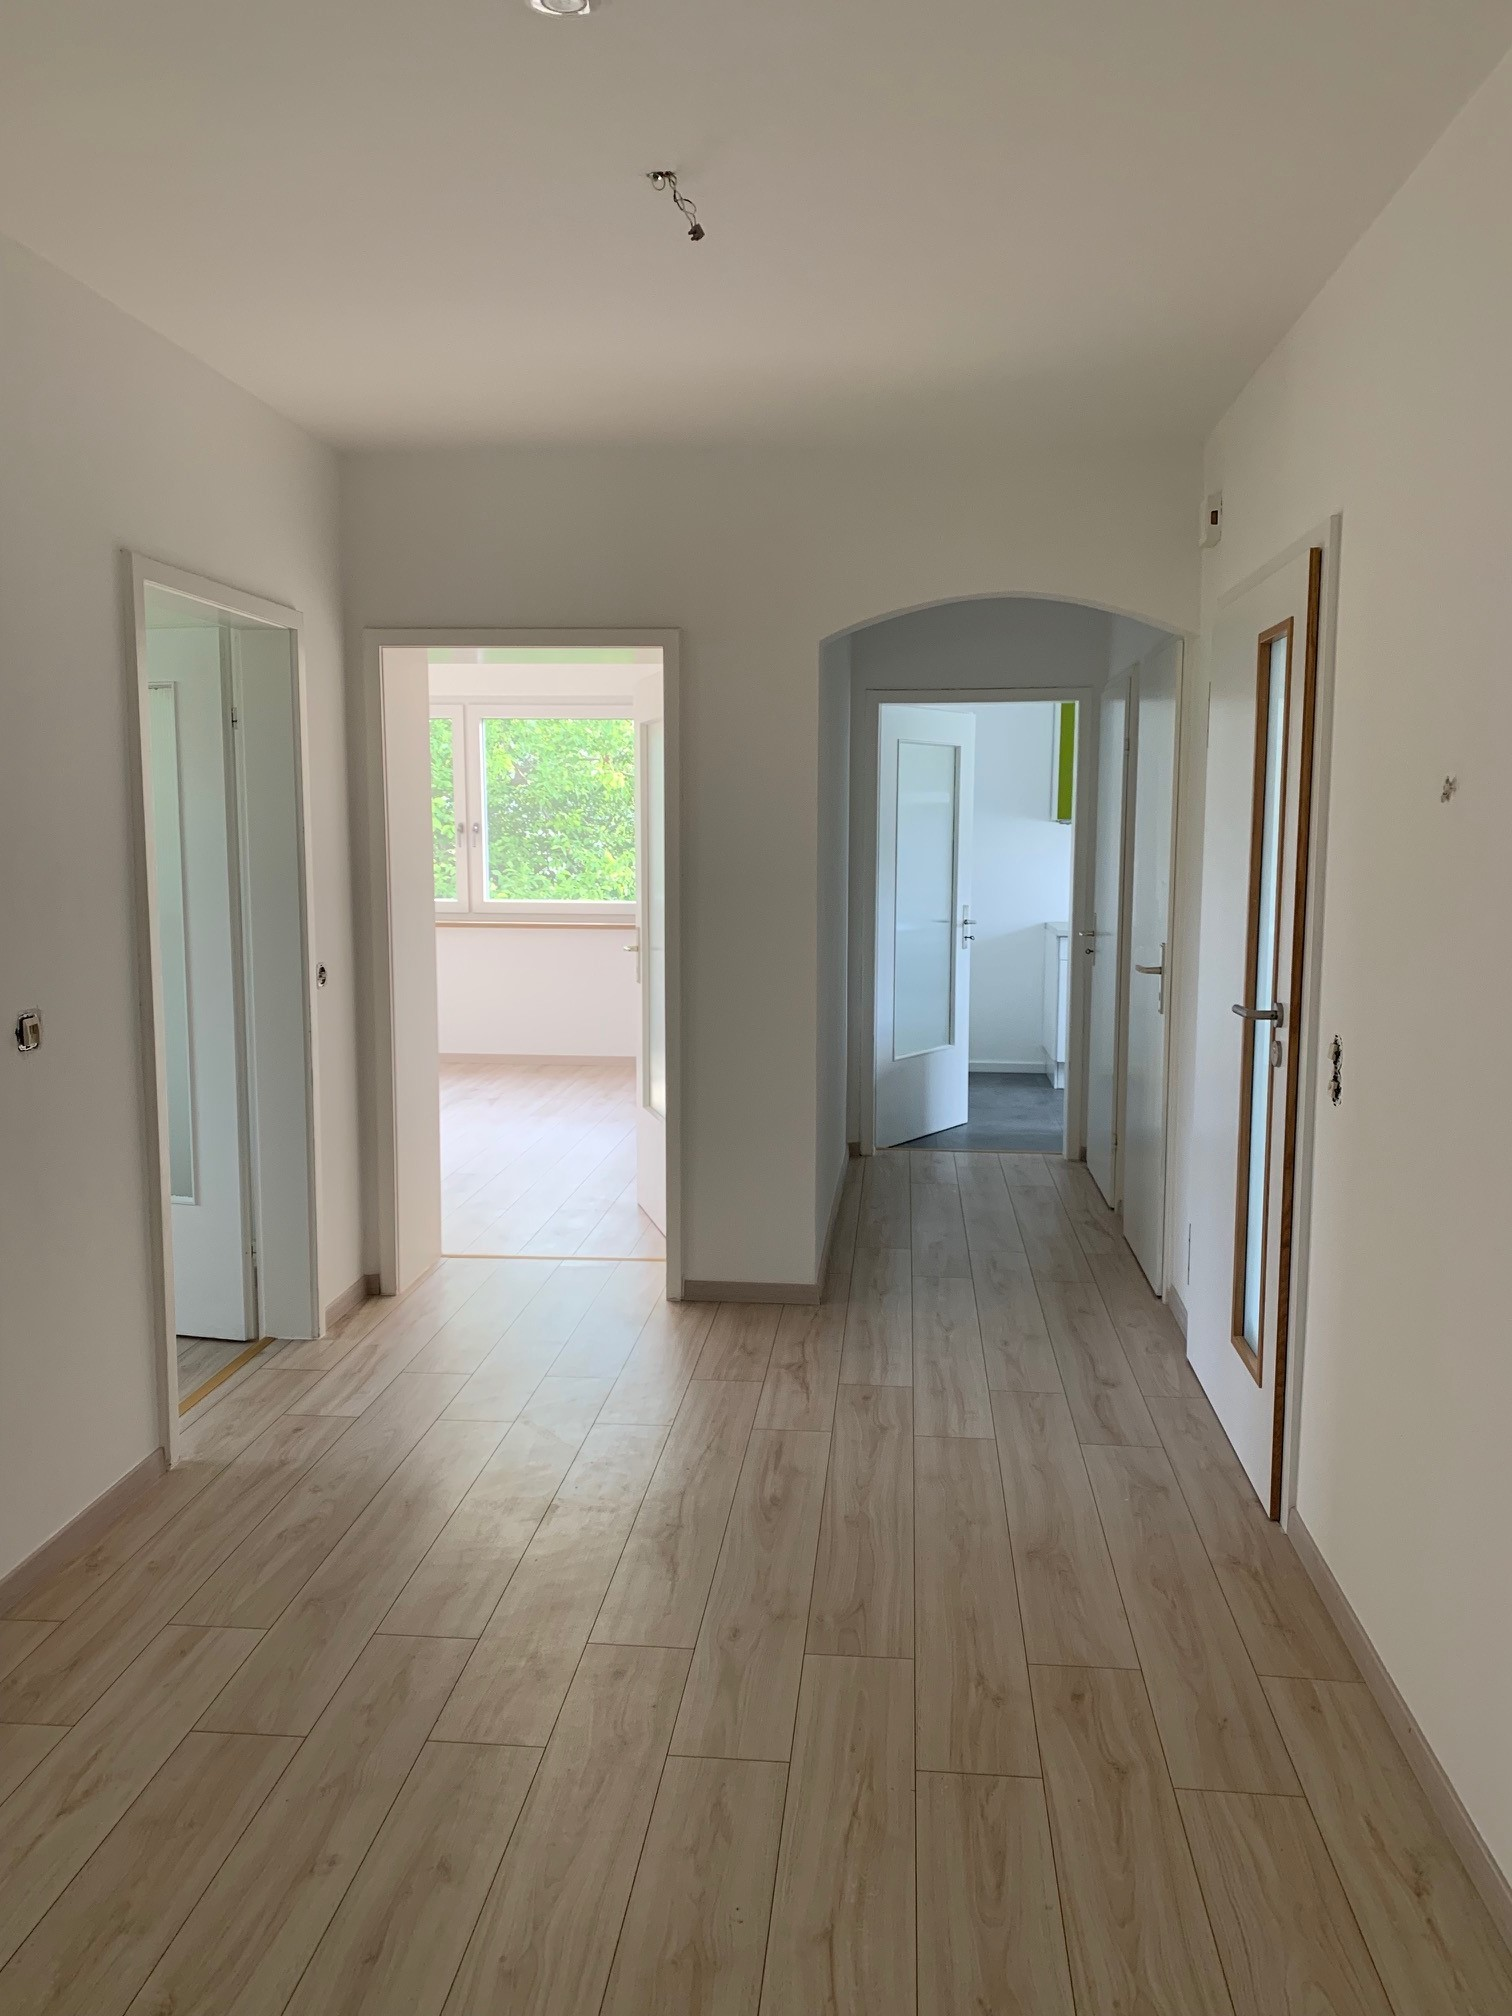 Helle, modernisierte 4-Zimmer-Wohnung mit Balkon und EBK in Schondorf am Ammersee